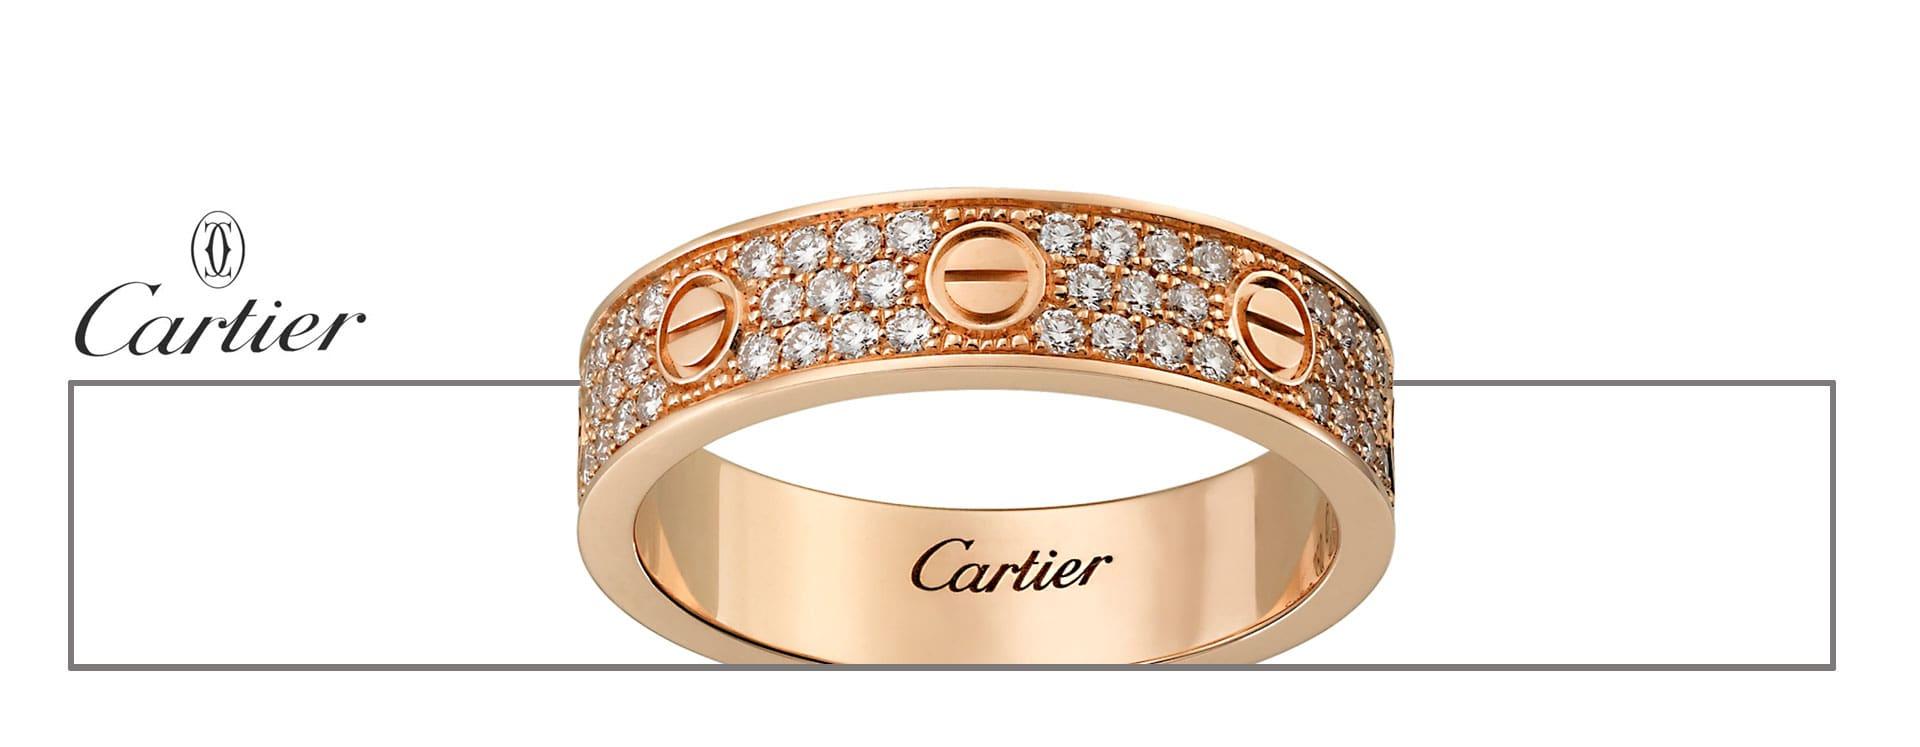 Cartier 078 - کارتیه